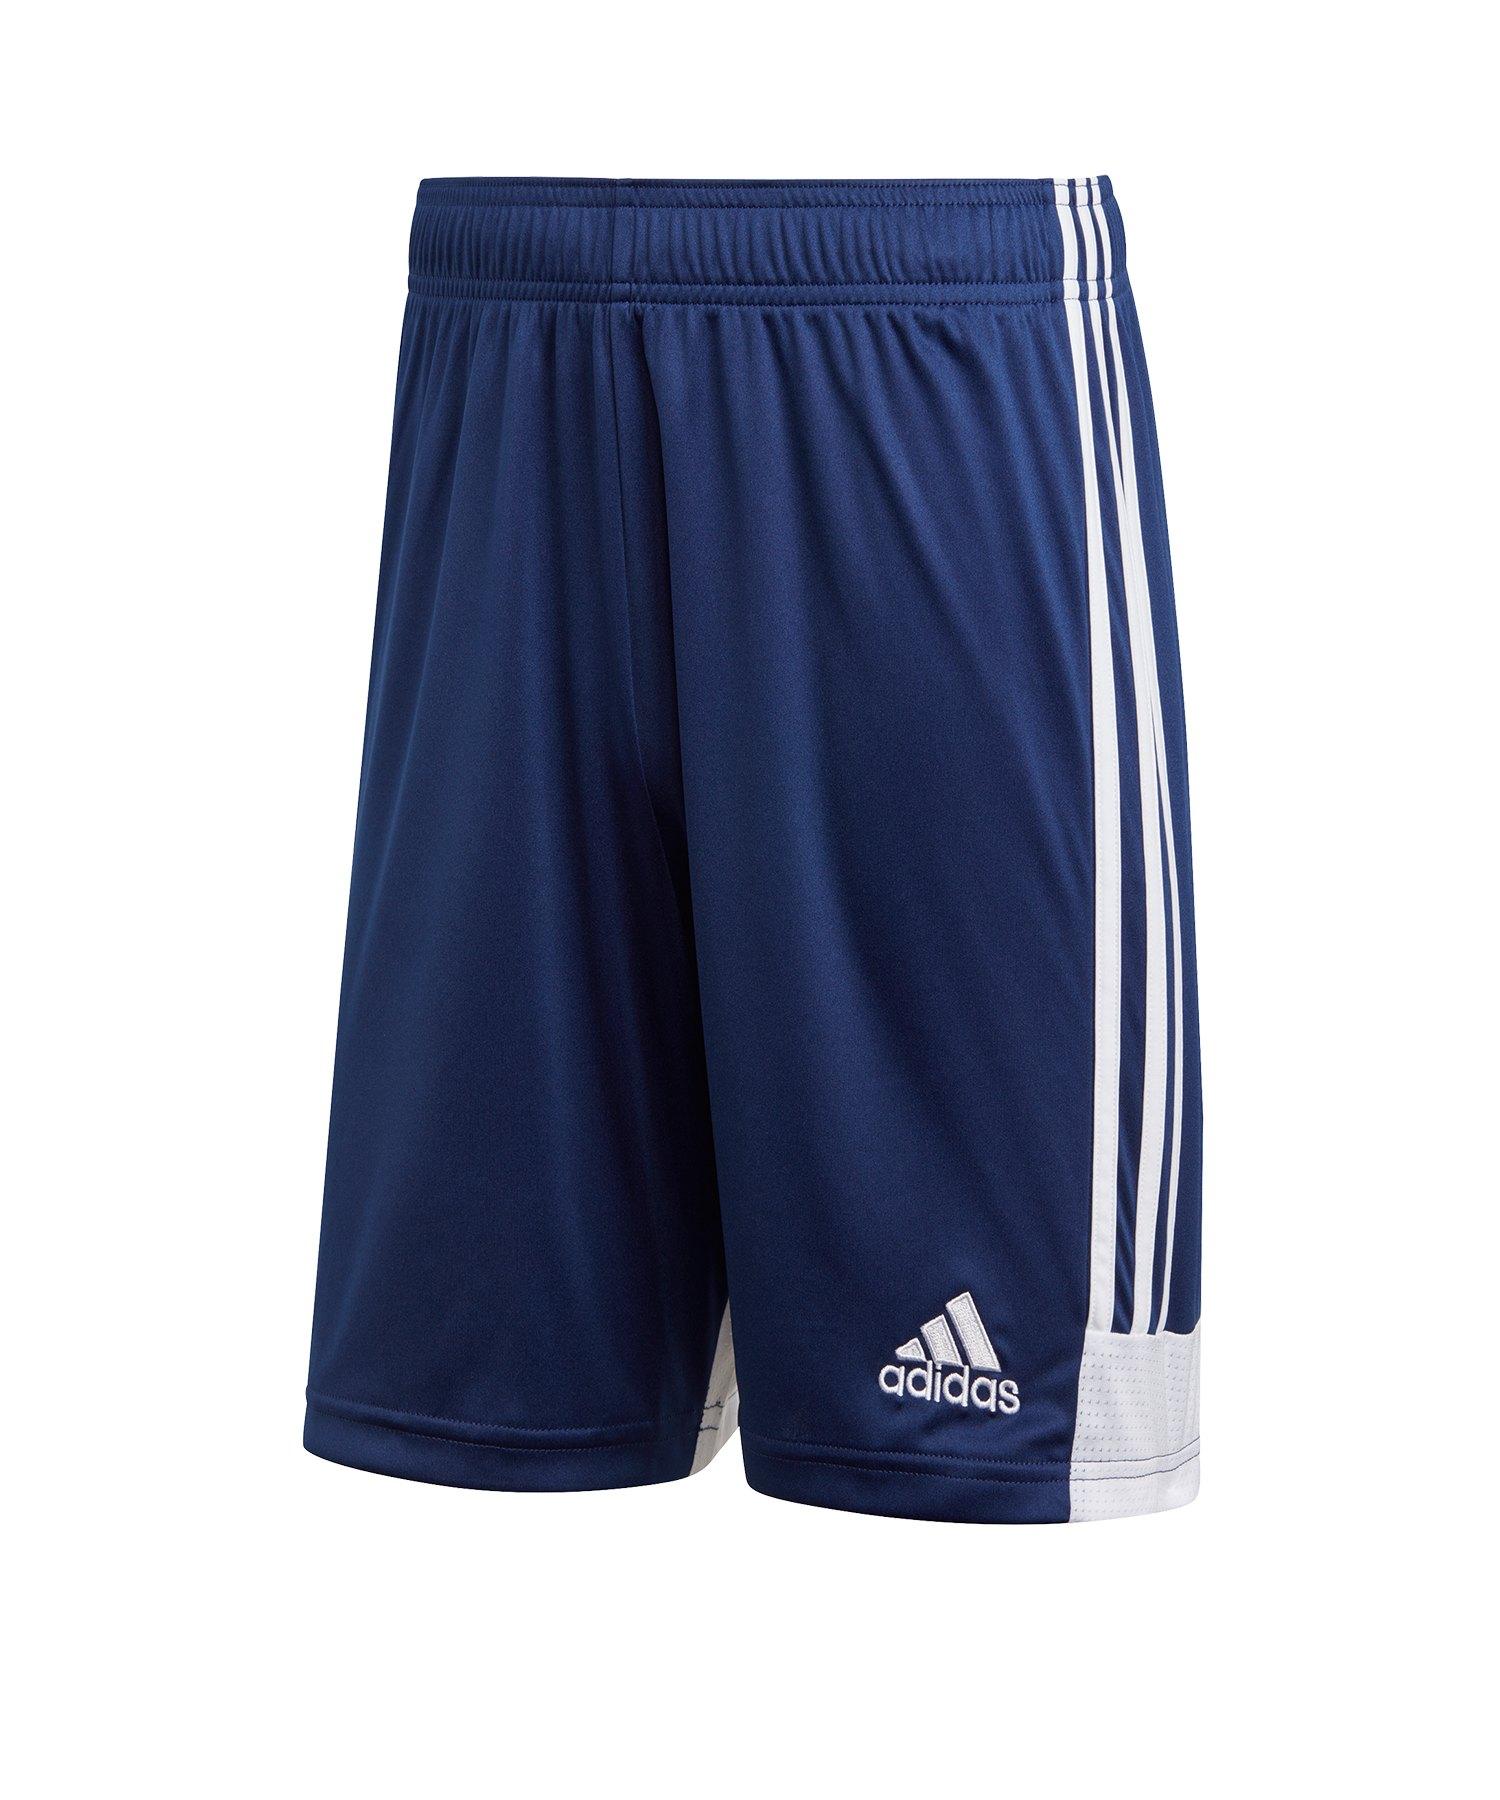 adidas Tastigo 19 Short Dunkelblau Weiss - blau